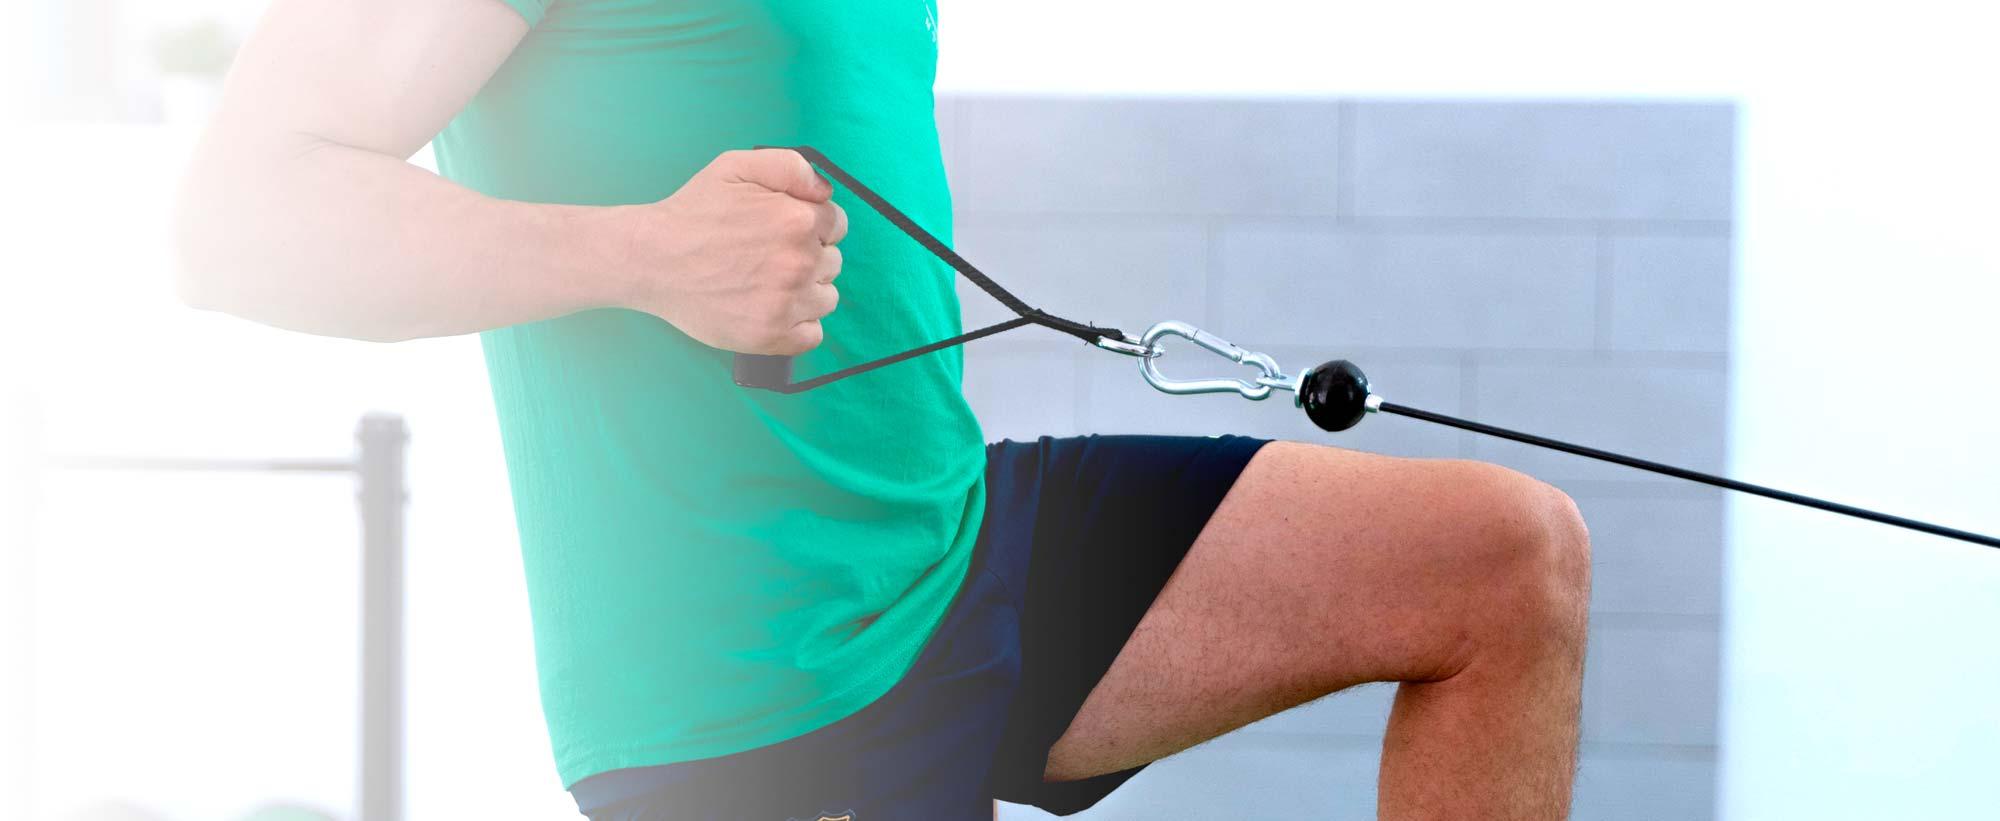 <span>Aumenta la consapevolezza del tuo corpo</span>